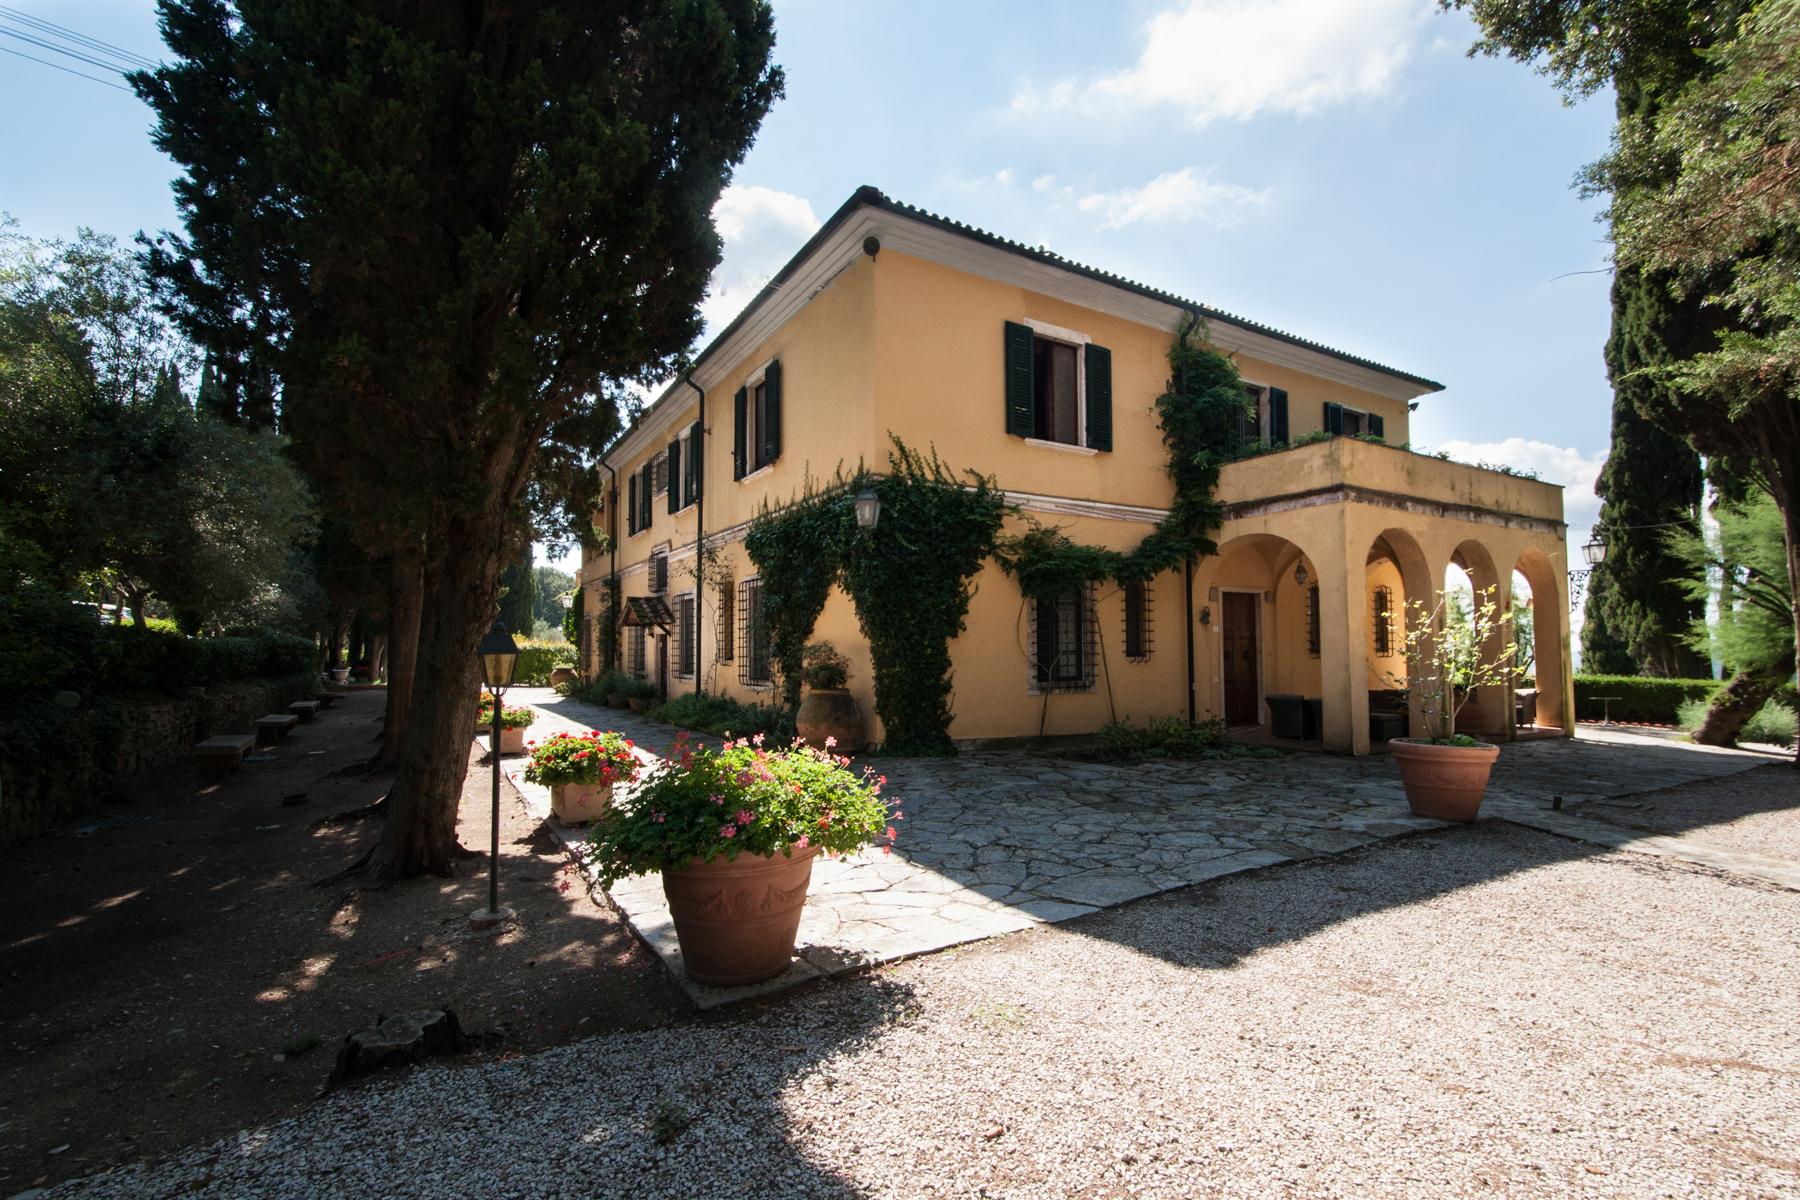 Farm complex near Livorno